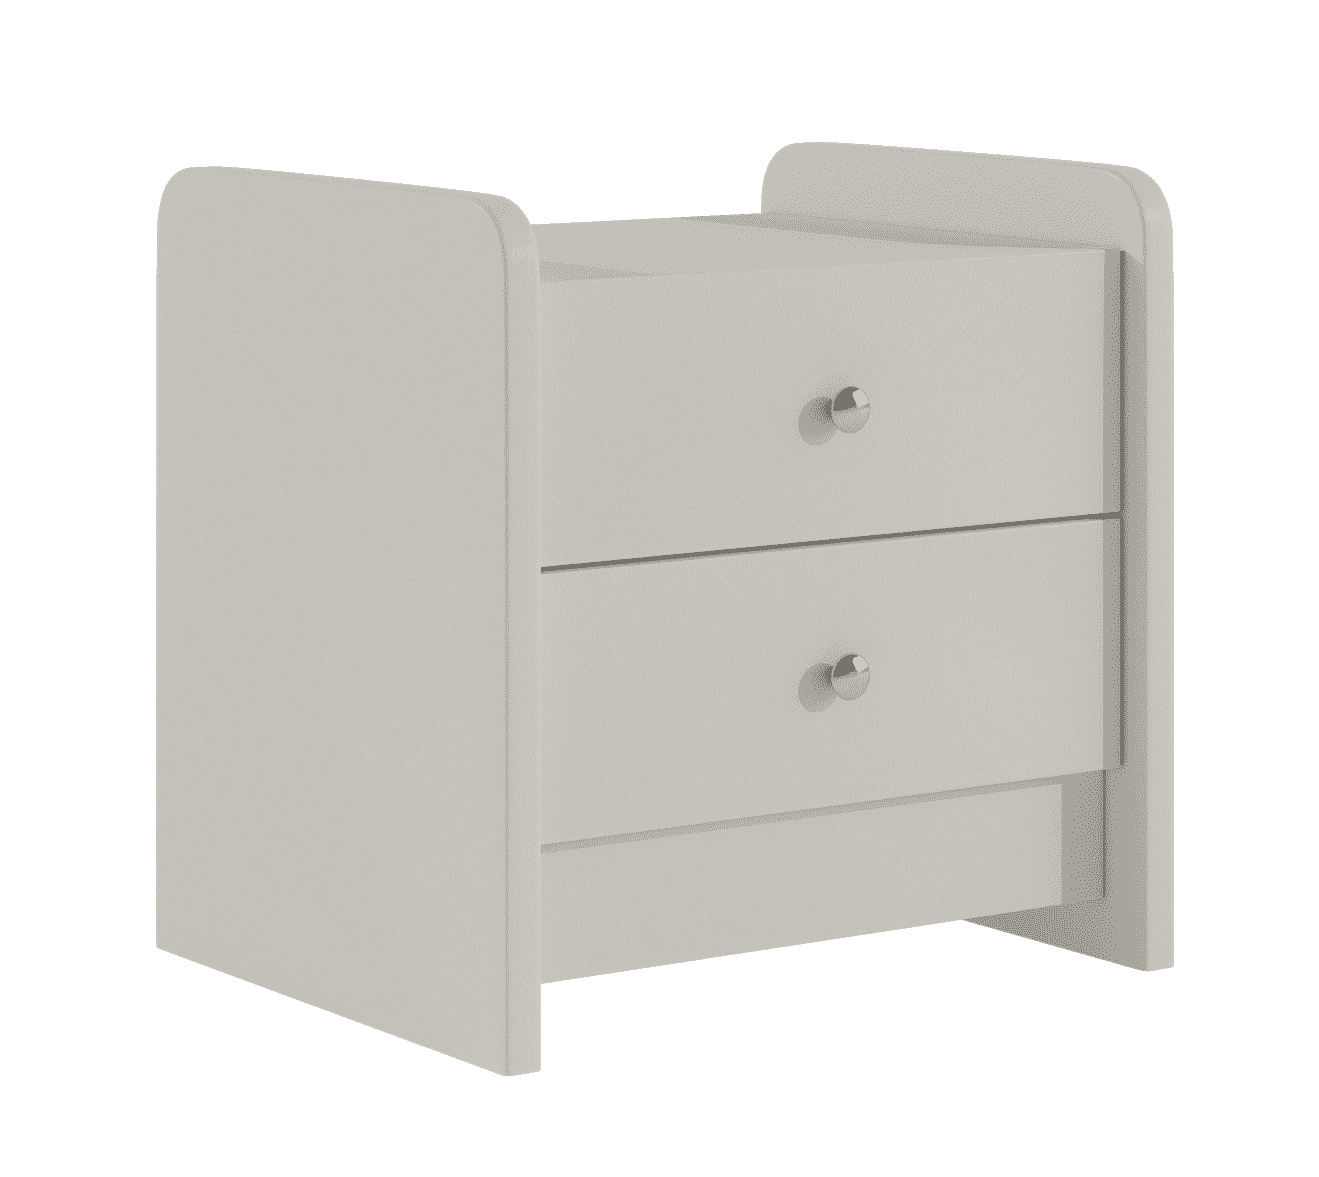 Прикроватные тумбы для спальни: фото новинок дизайна из каталога 2020 года